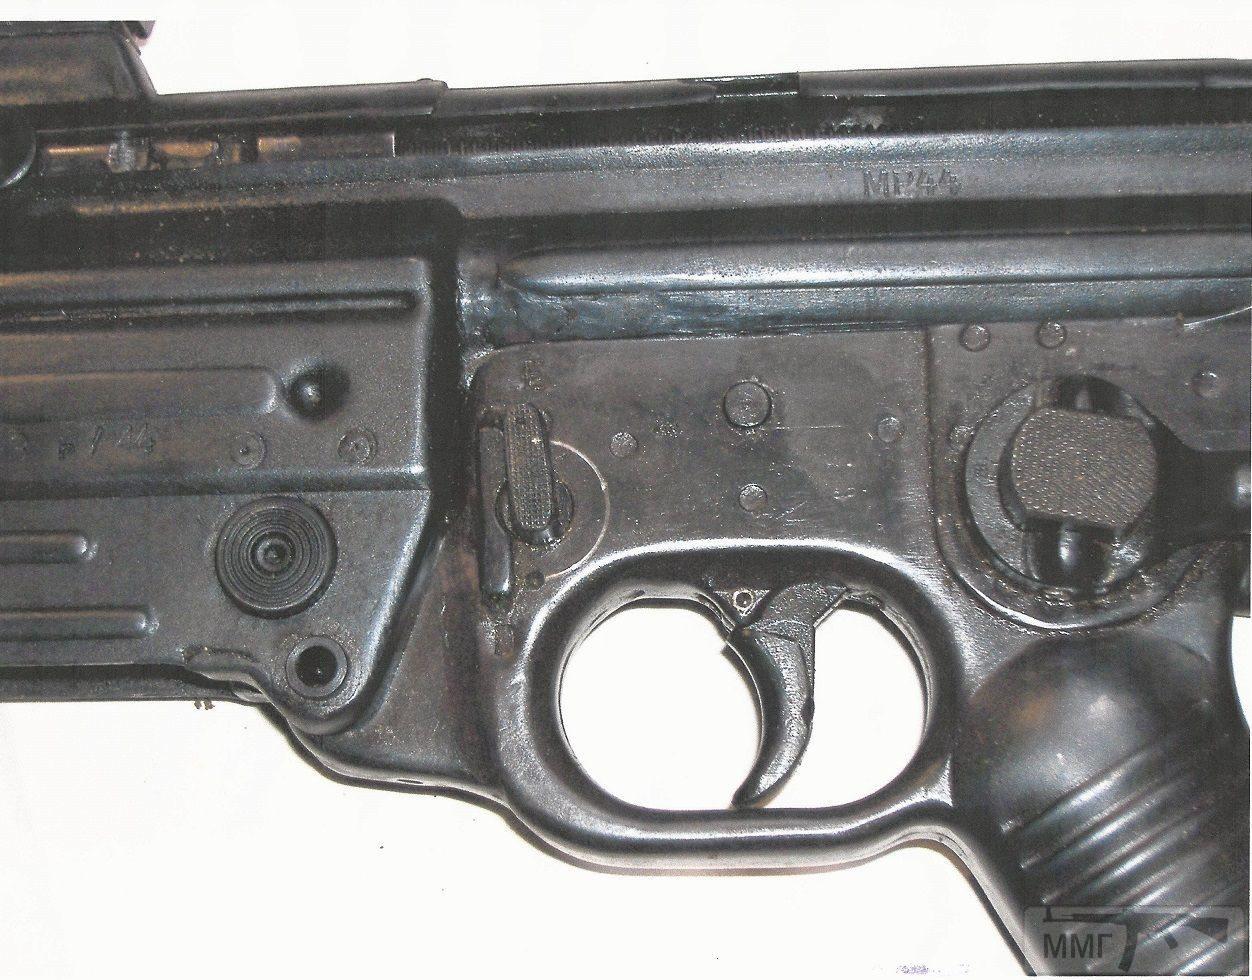 98114 - Sturmgewehr Haenel / Schmeisser MP 43MP 44 Stg.44 - прототипы, конструкция история